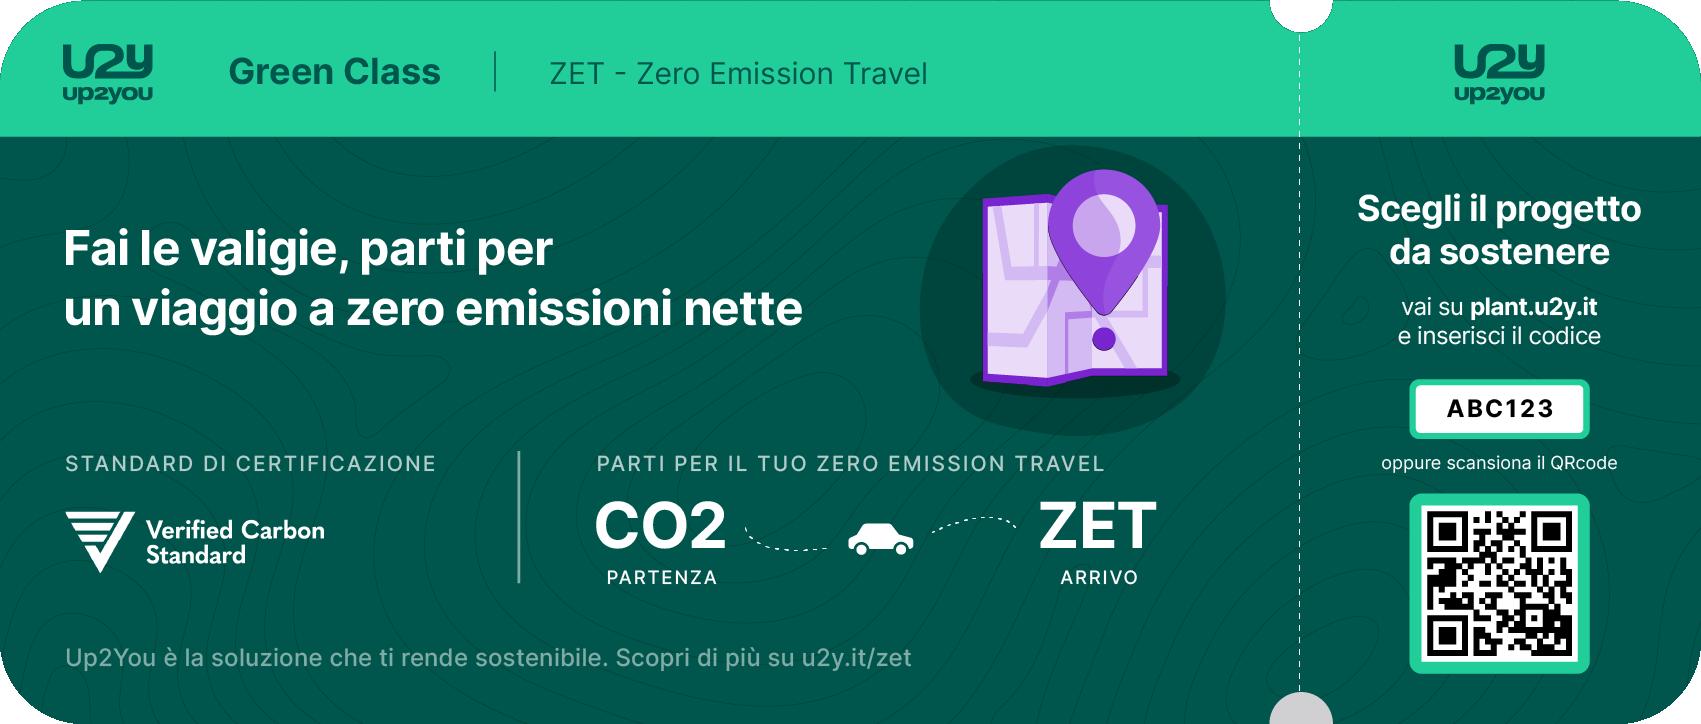 Boarding pass generico per azzerare le emissioni nette di viaggio di breve tratta e soggiorno